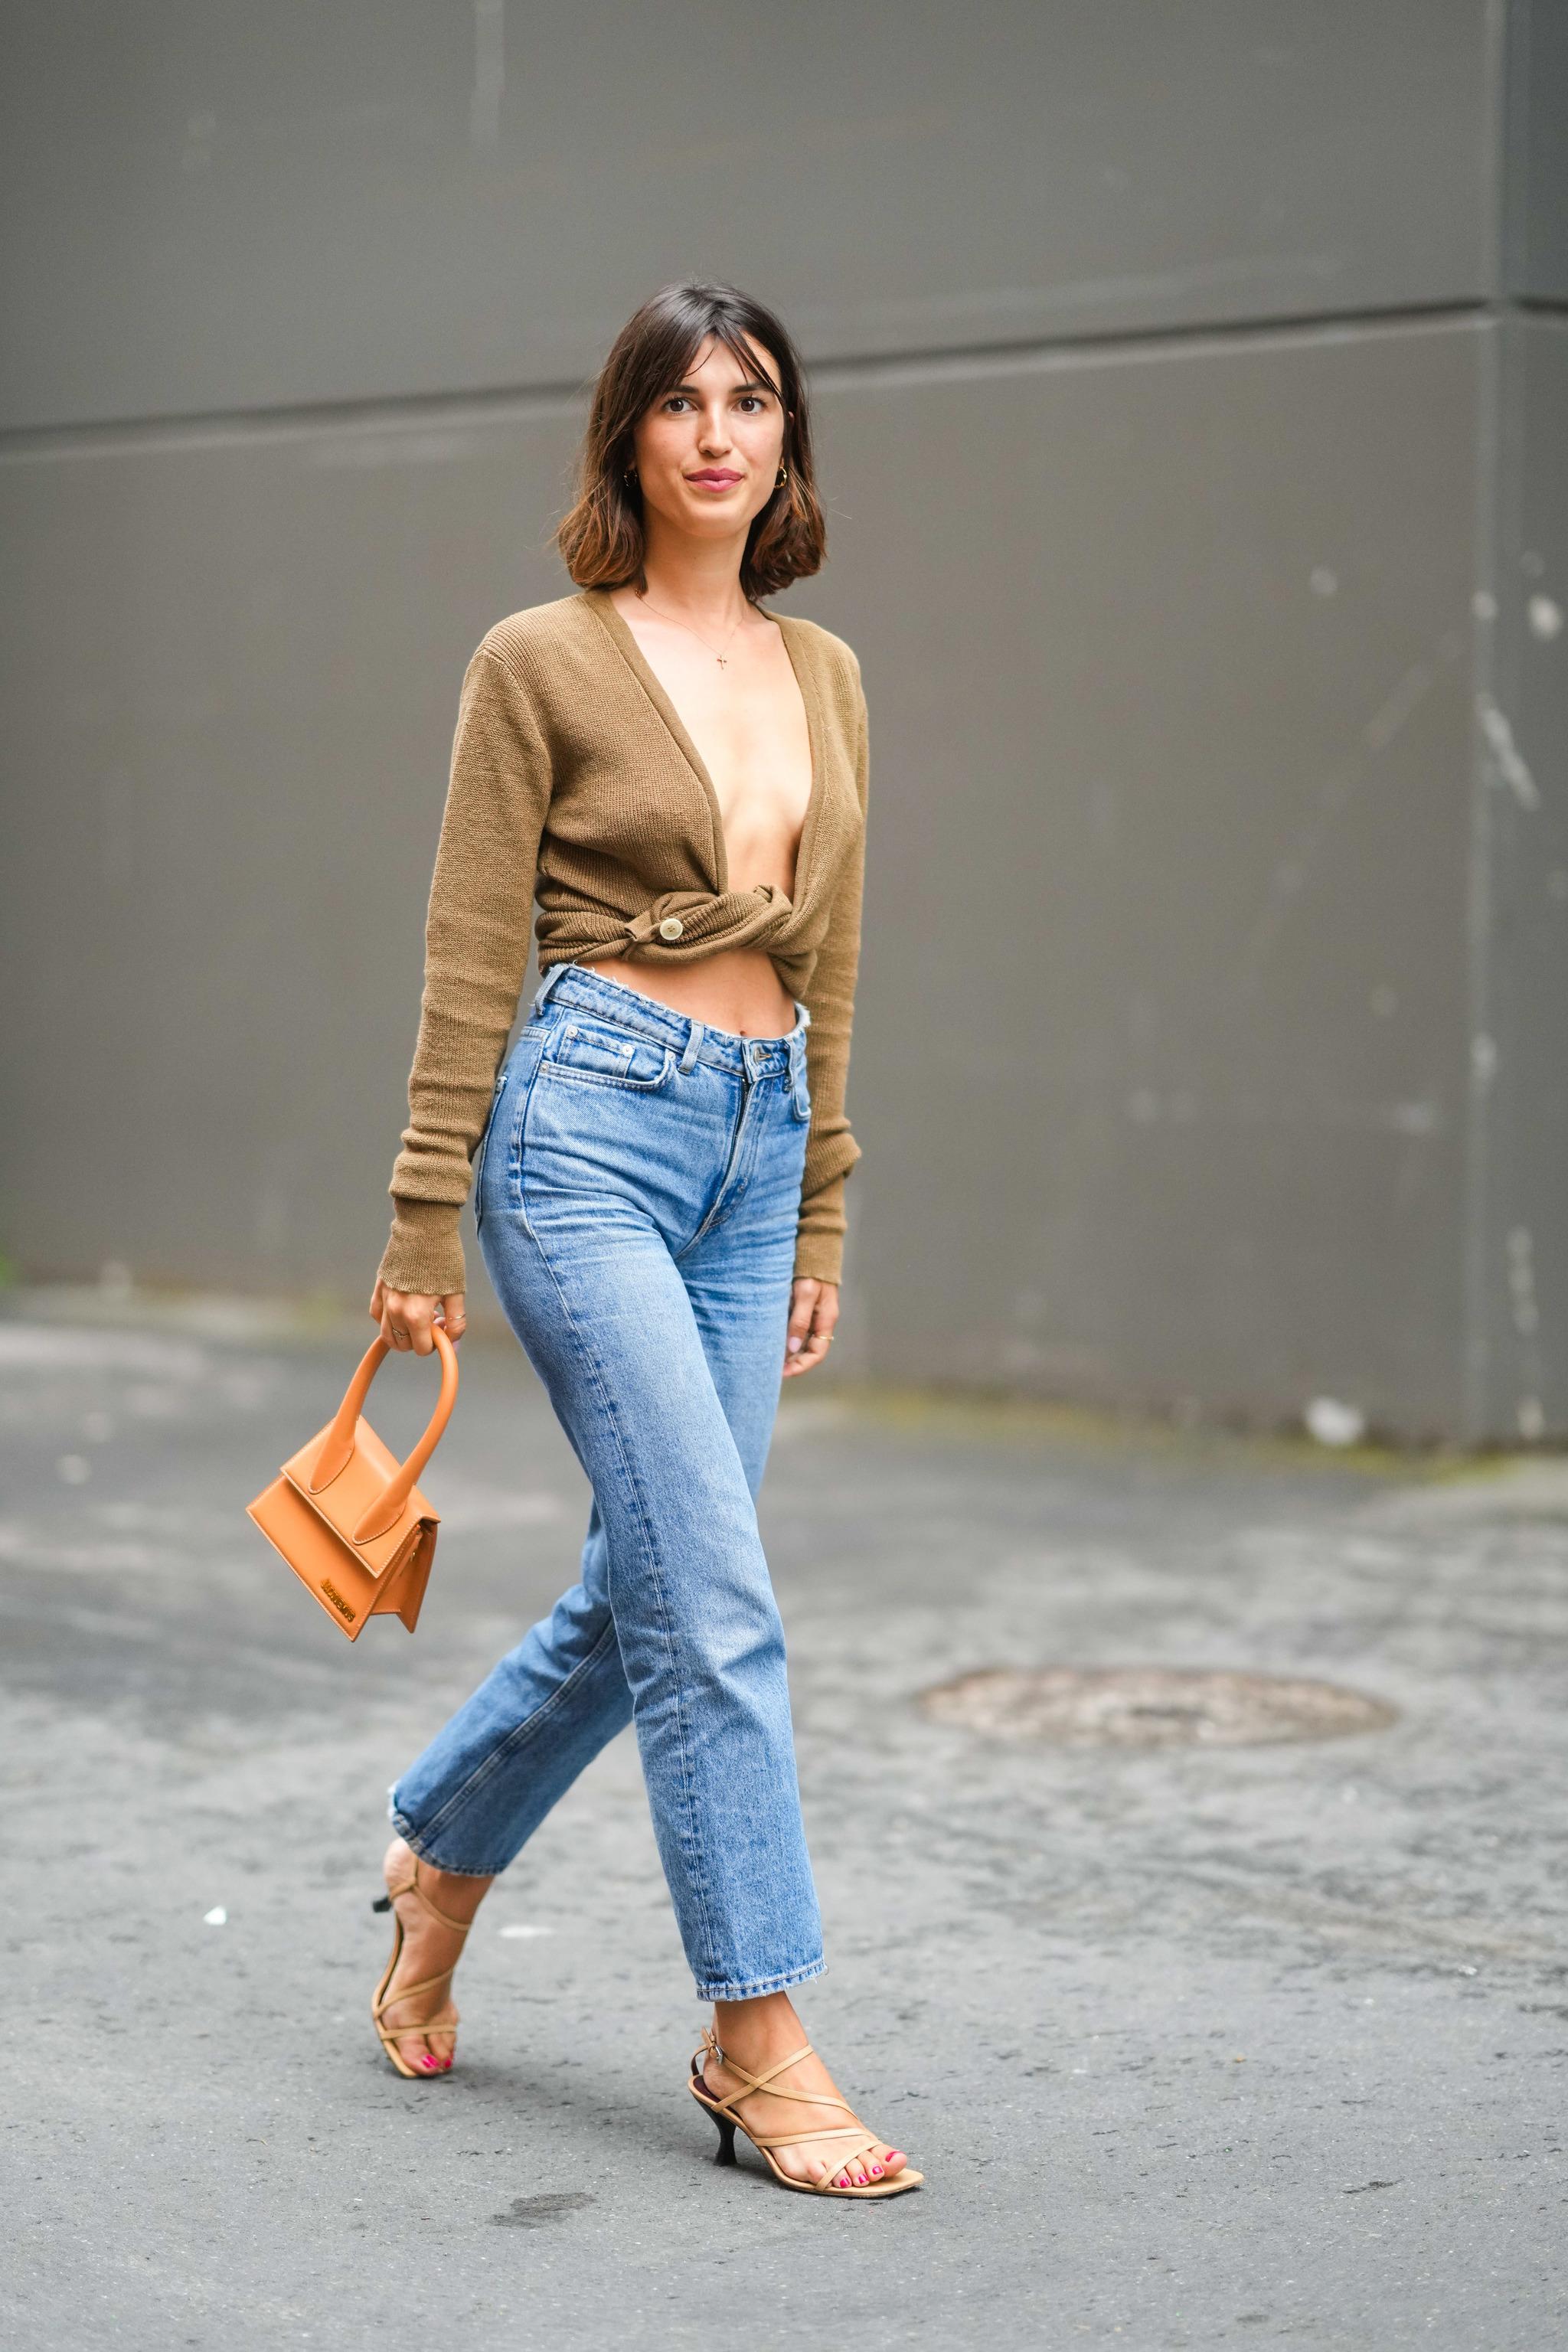 Jeanne Damas con jeans rectos y sandalias de tacón sensato.